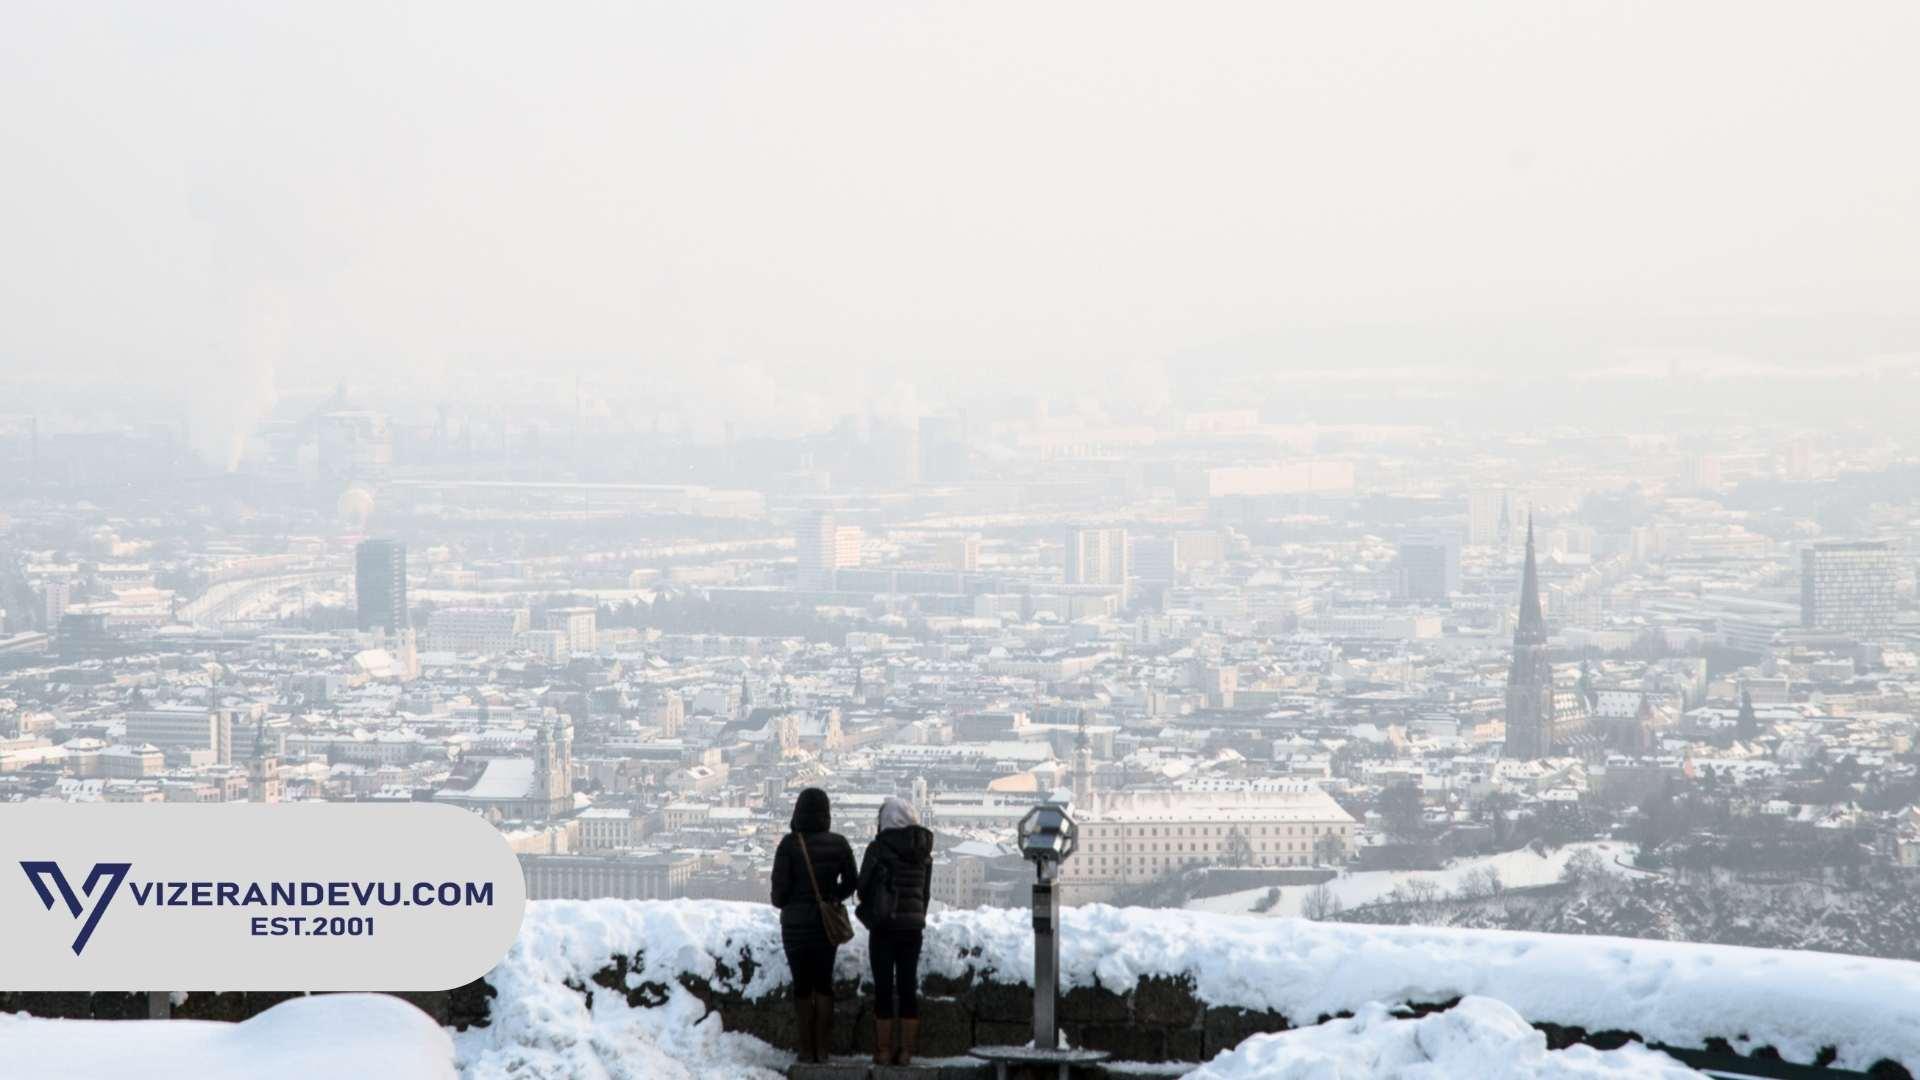 Avusturya Vatandaşının Karı veya Kocası İçin Avusturya Schengen Vizesi İçin Gerekli Belgeler Nelerdir